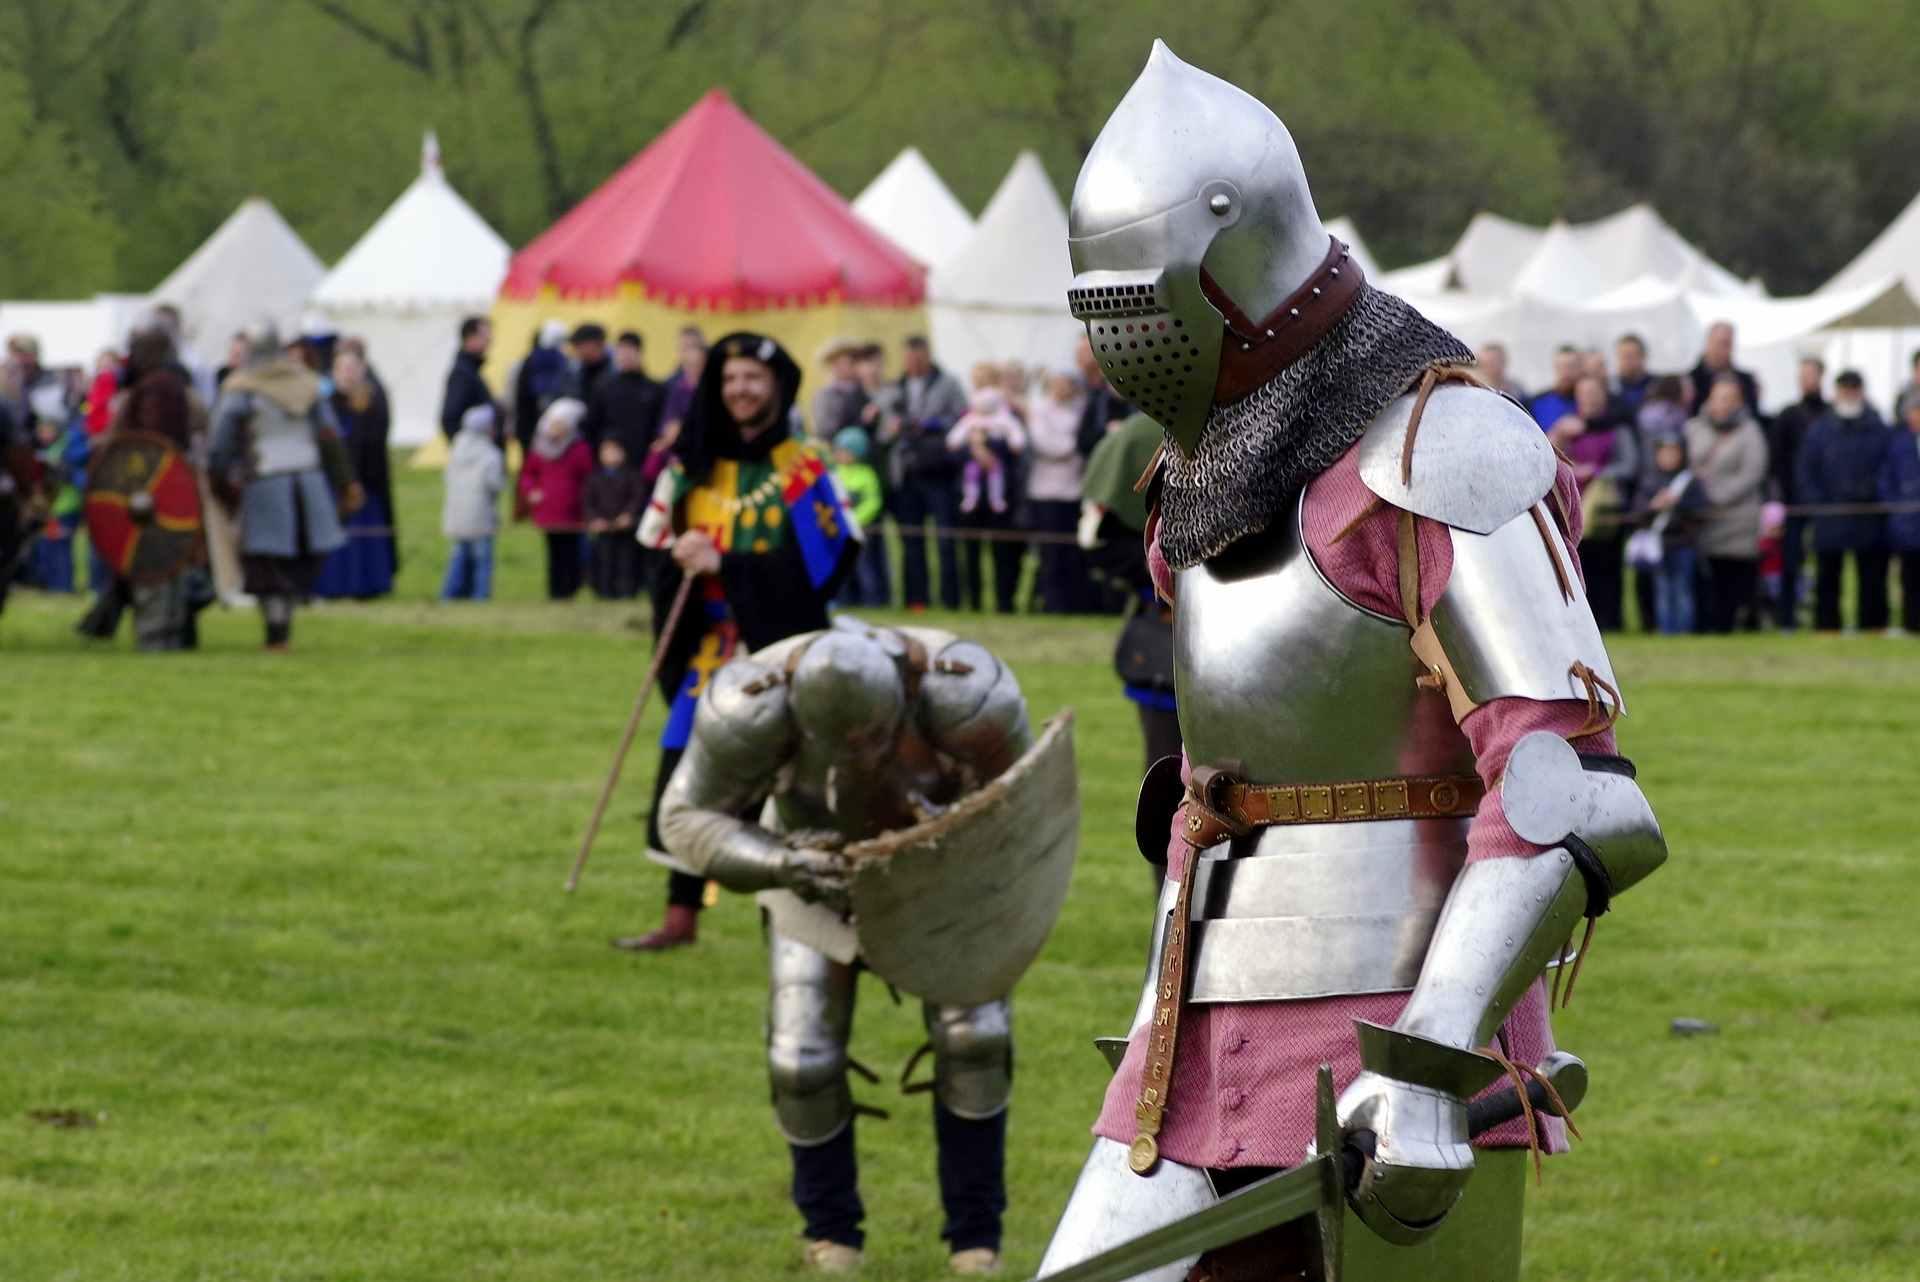 Клуб исторического фехтования «Воины ветра» приглашает на турнир